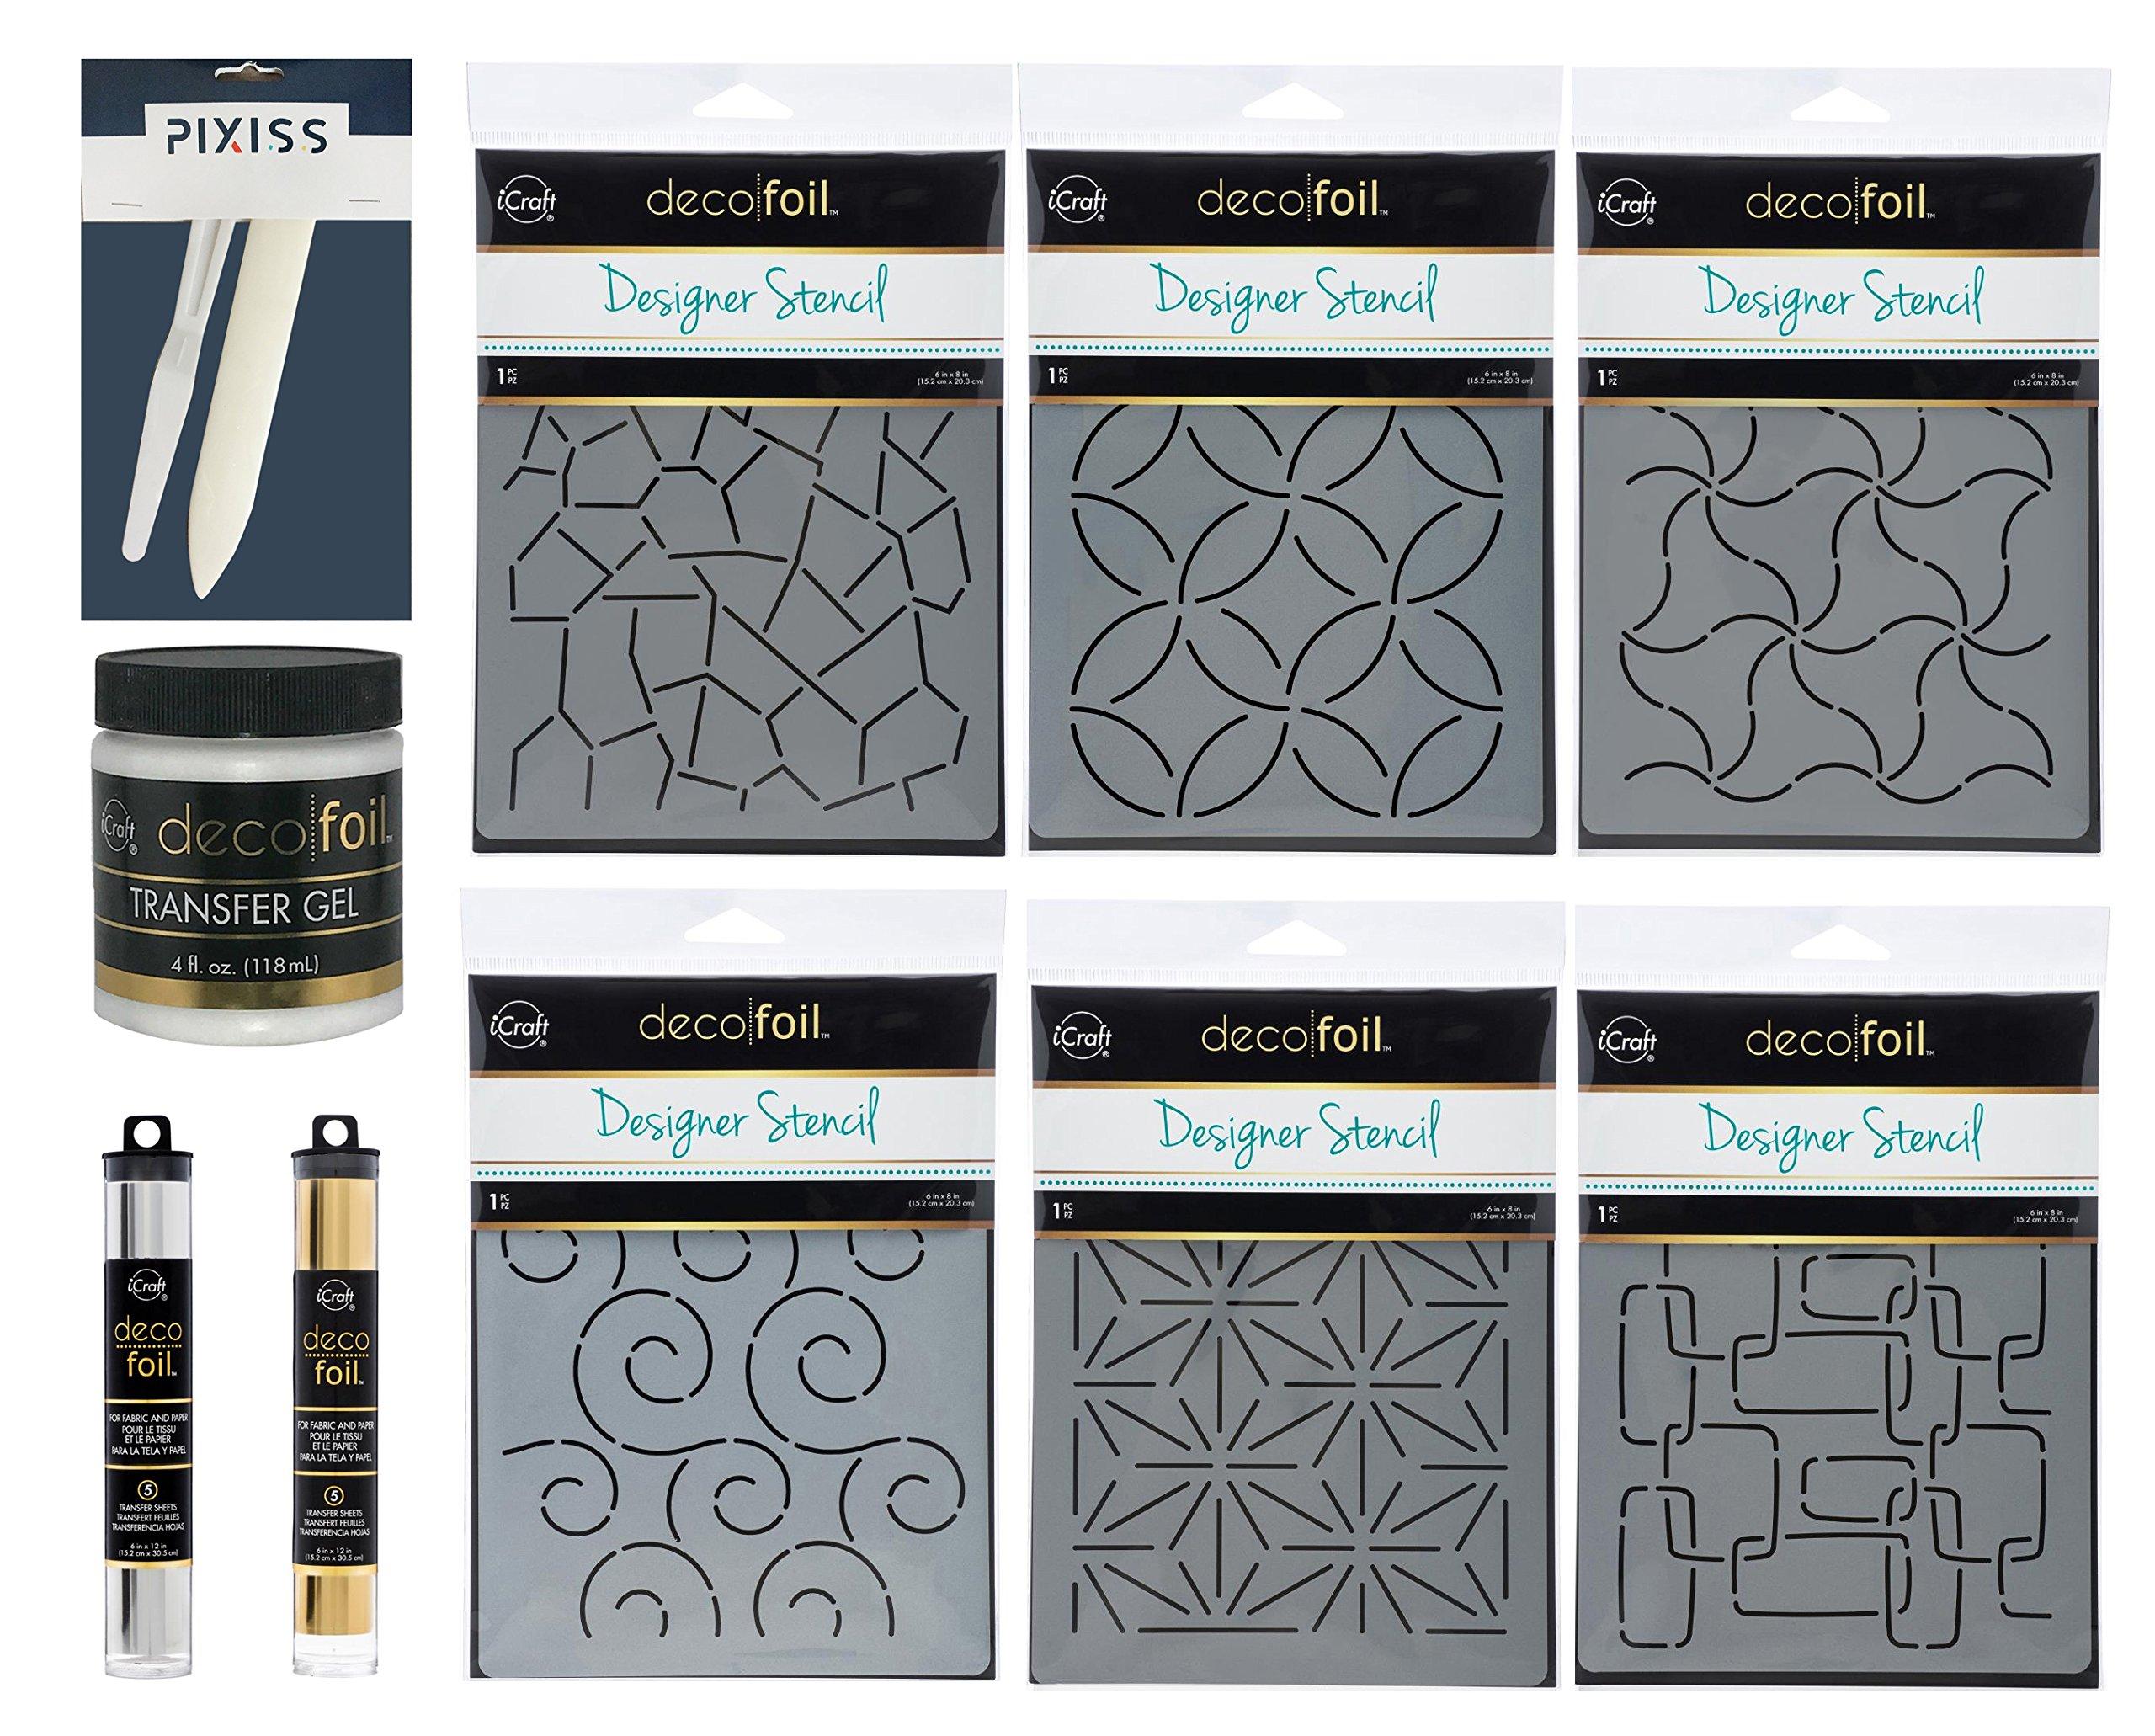 iCraft Deco Foil Designer Stencil Bundle, 6 Stencils, Transfer Gel, Pixiss Bone Folder and Palette Knife, Deco Foil Transfer Sheets Gold and Silver by Bundled Brands